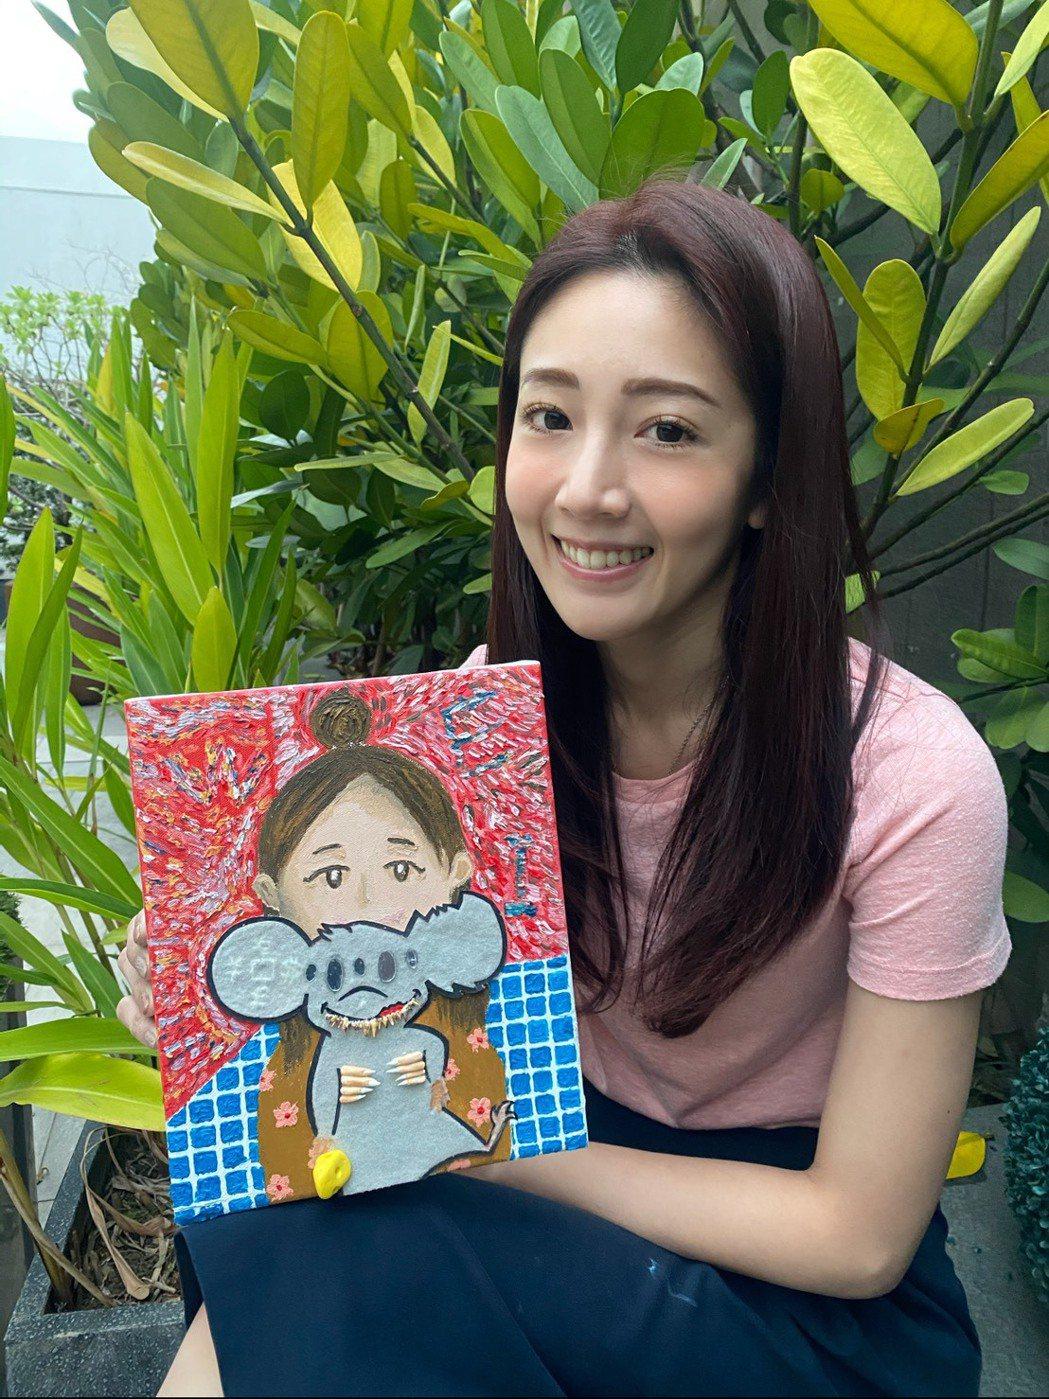 黃薇渟以自畫像為主題,搭配鼠年創作畫作參展。/球狀星團娛樂提供